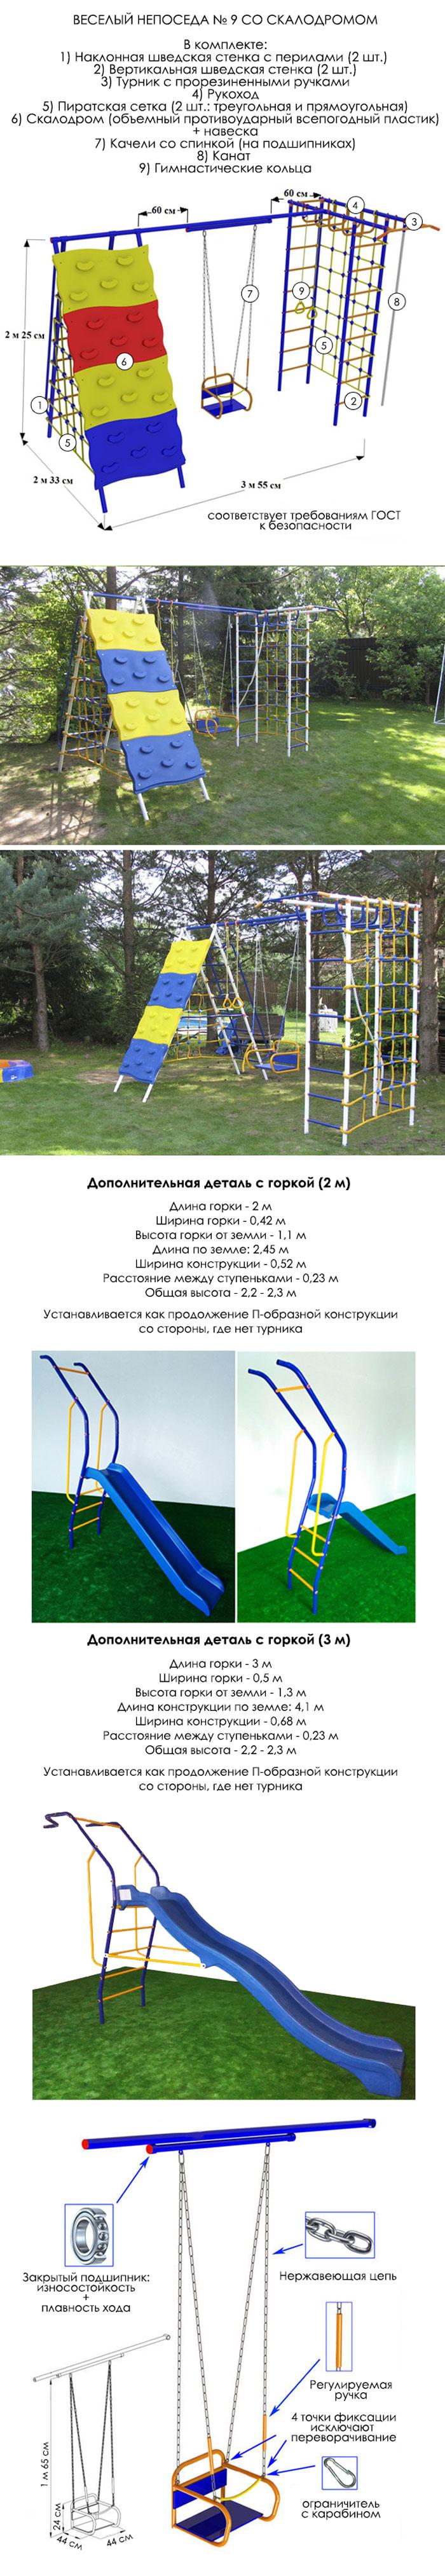 Спортивный дачный комплекс и игровая площадка для детей Веселый Непоседа 9 со скалодромом комплектация и характеристики модели